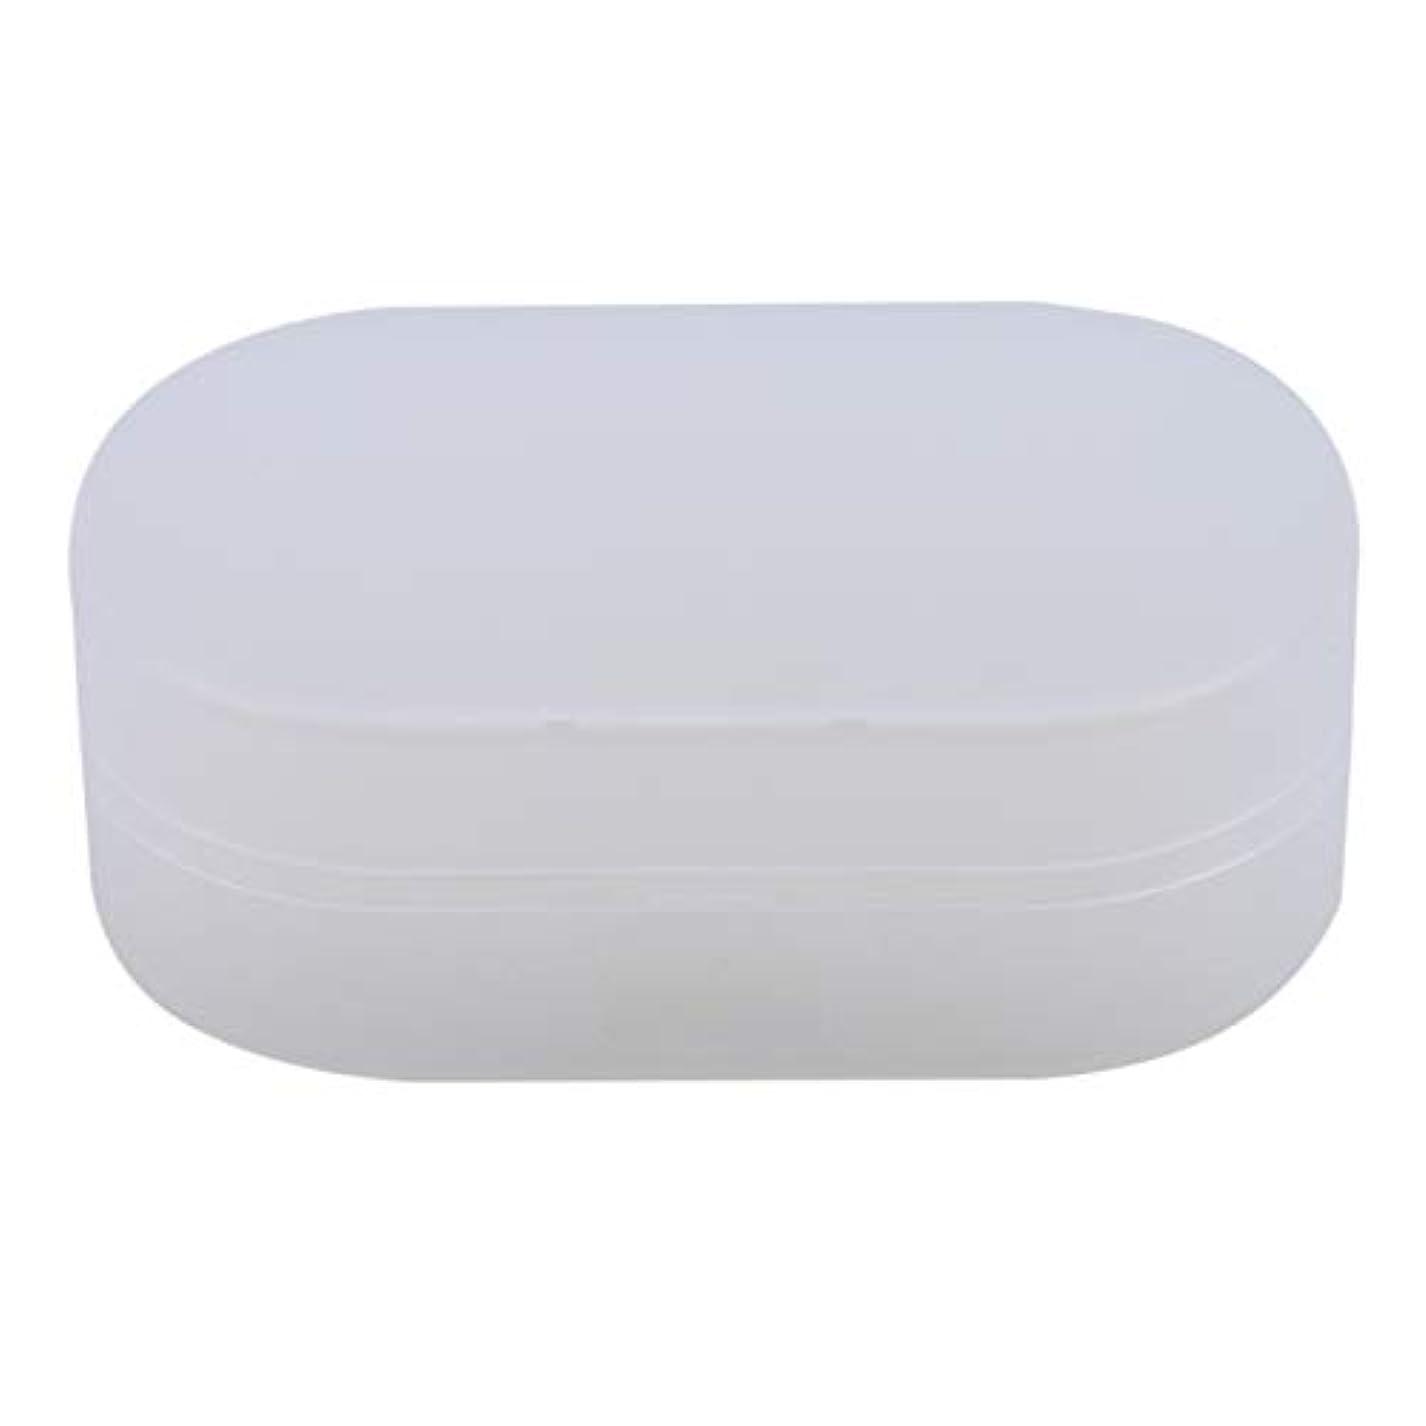 夢俳句先ZALINGソープボックスホルダーソープディッシュソープセーバーケースコンテナ用バスルームキャンプホワイト